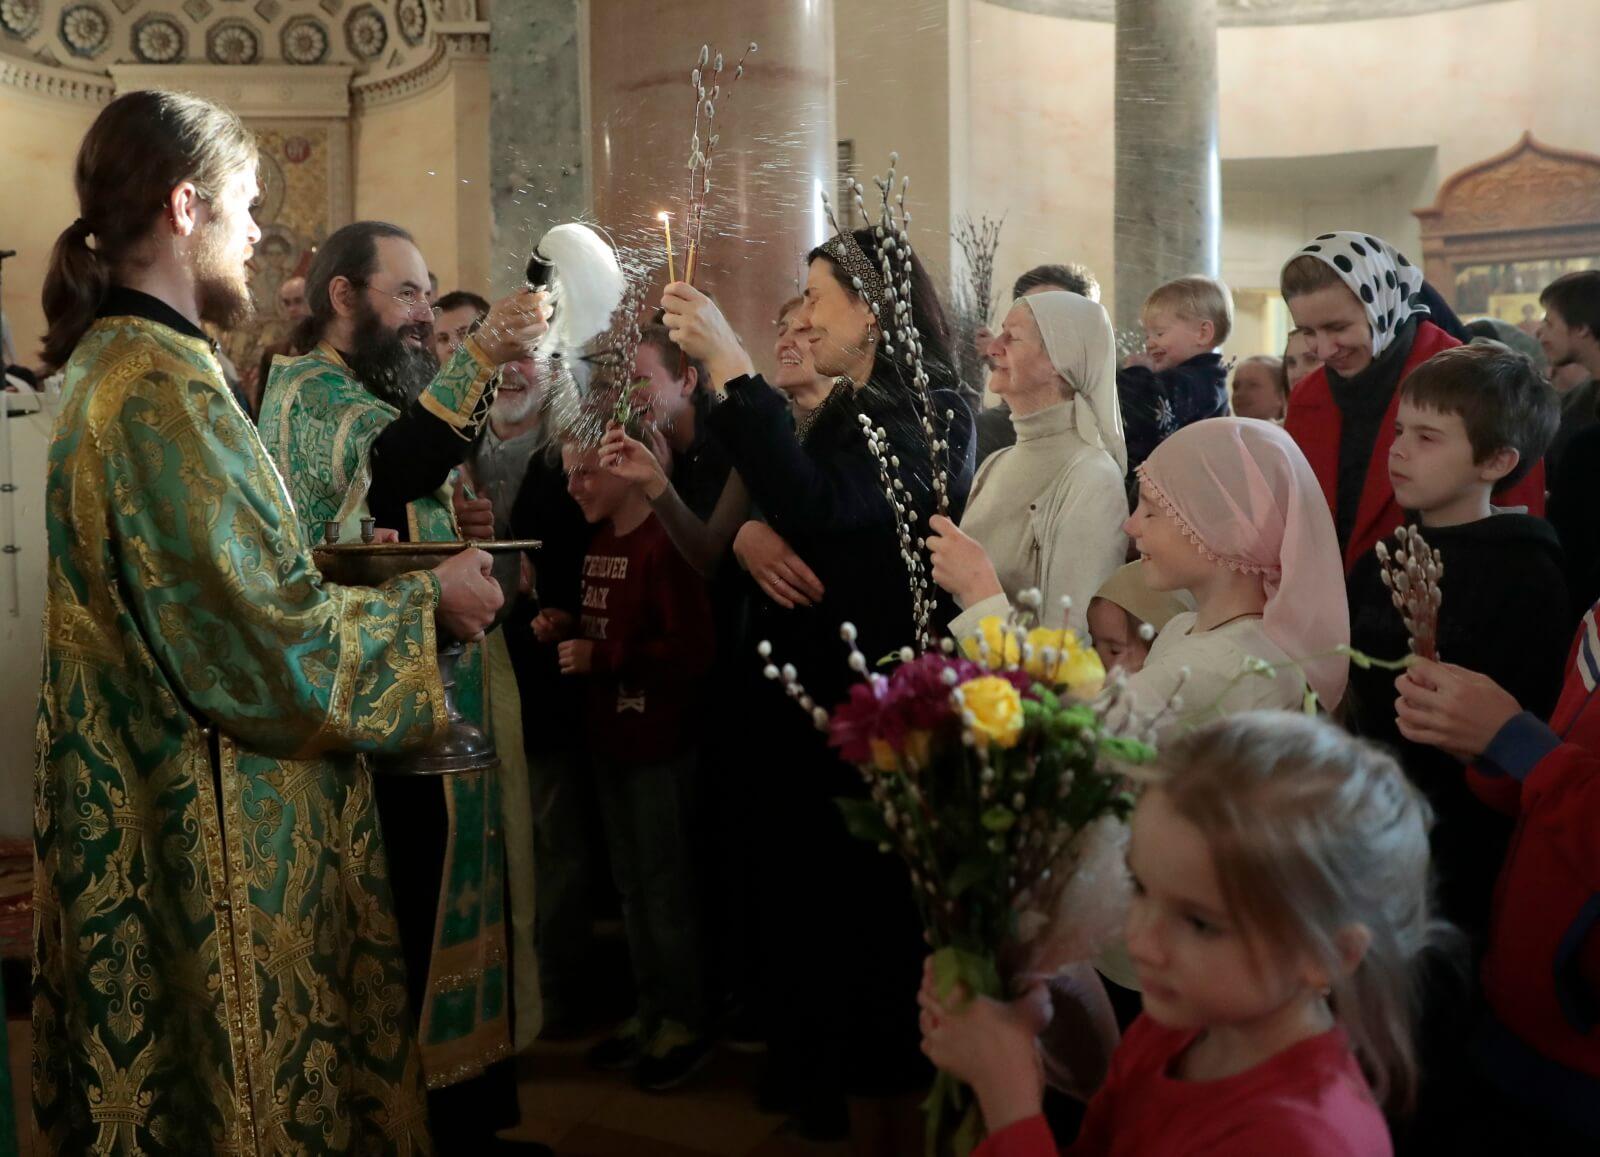 Niedziela palmowa w Kościele prawosławnym fot. EPA/SERGEI CHIRIKOV